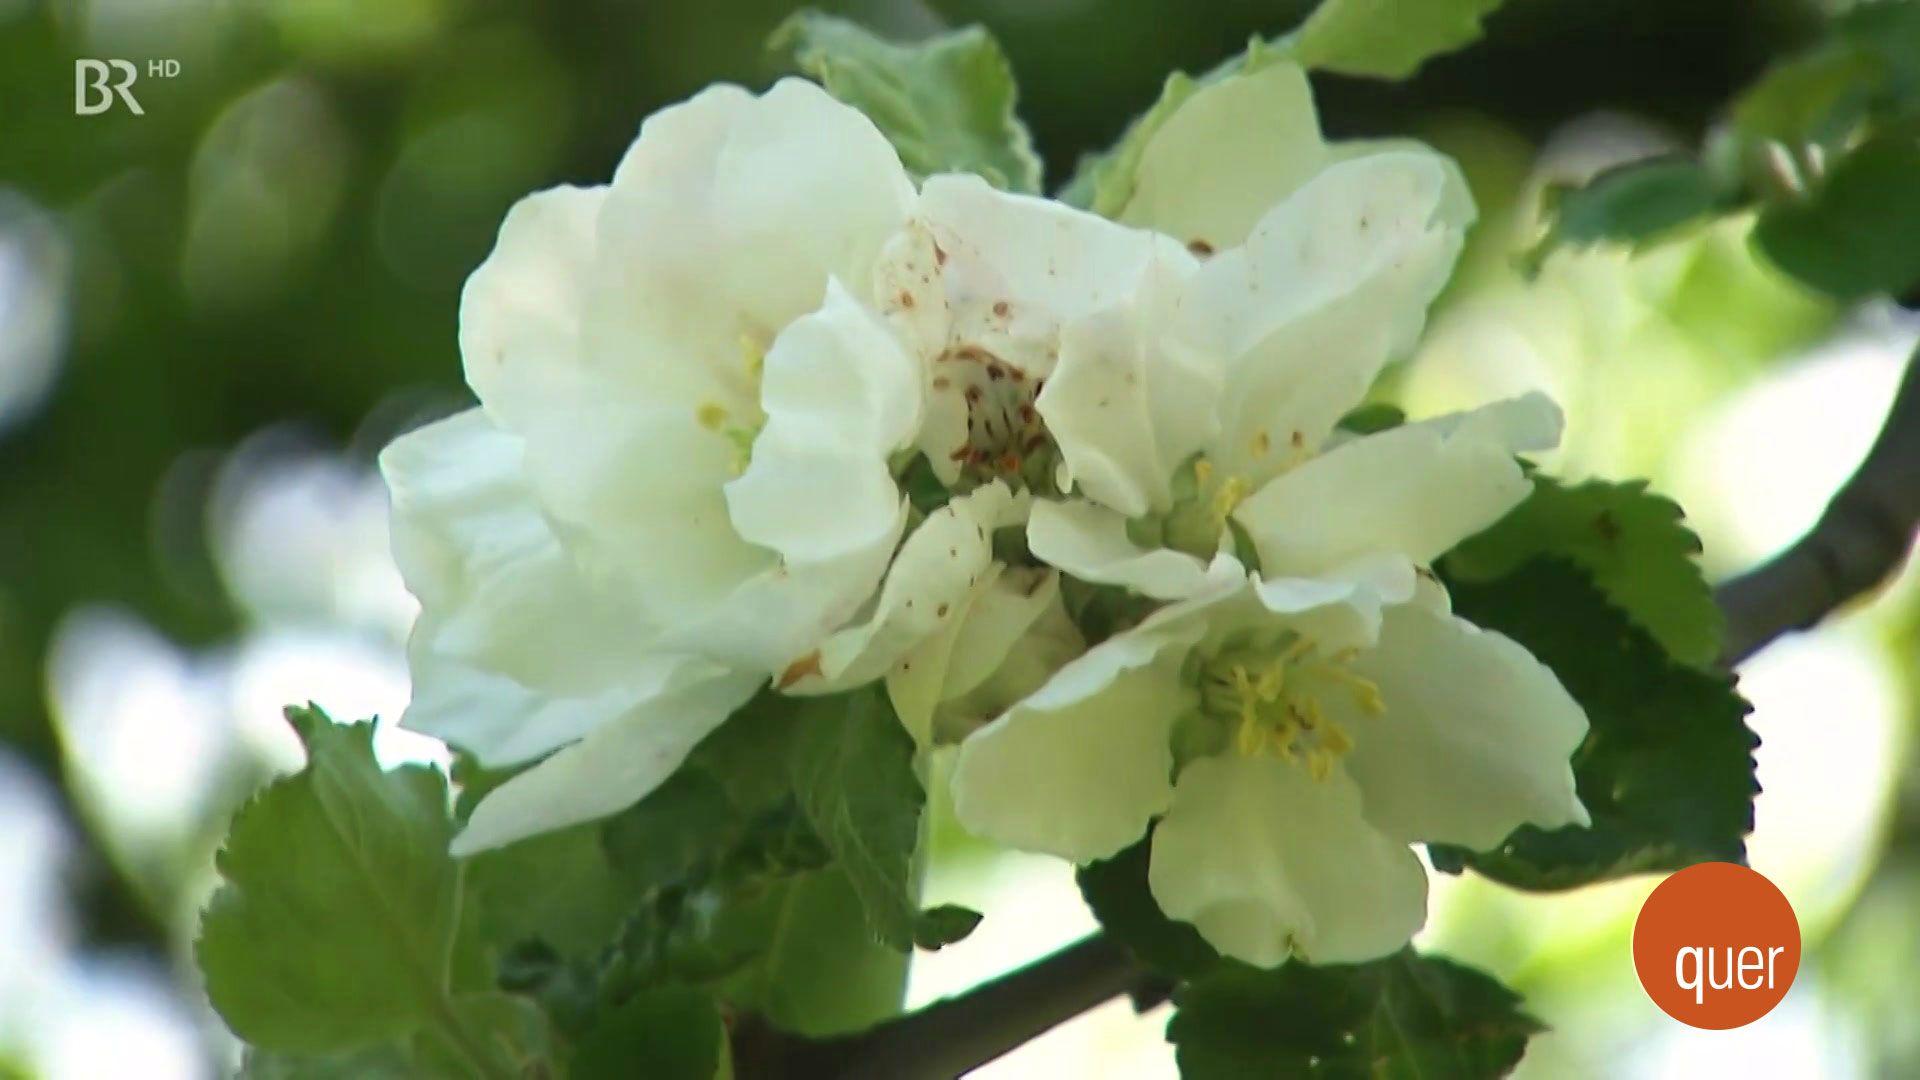 Blüten eines Obstbaumes